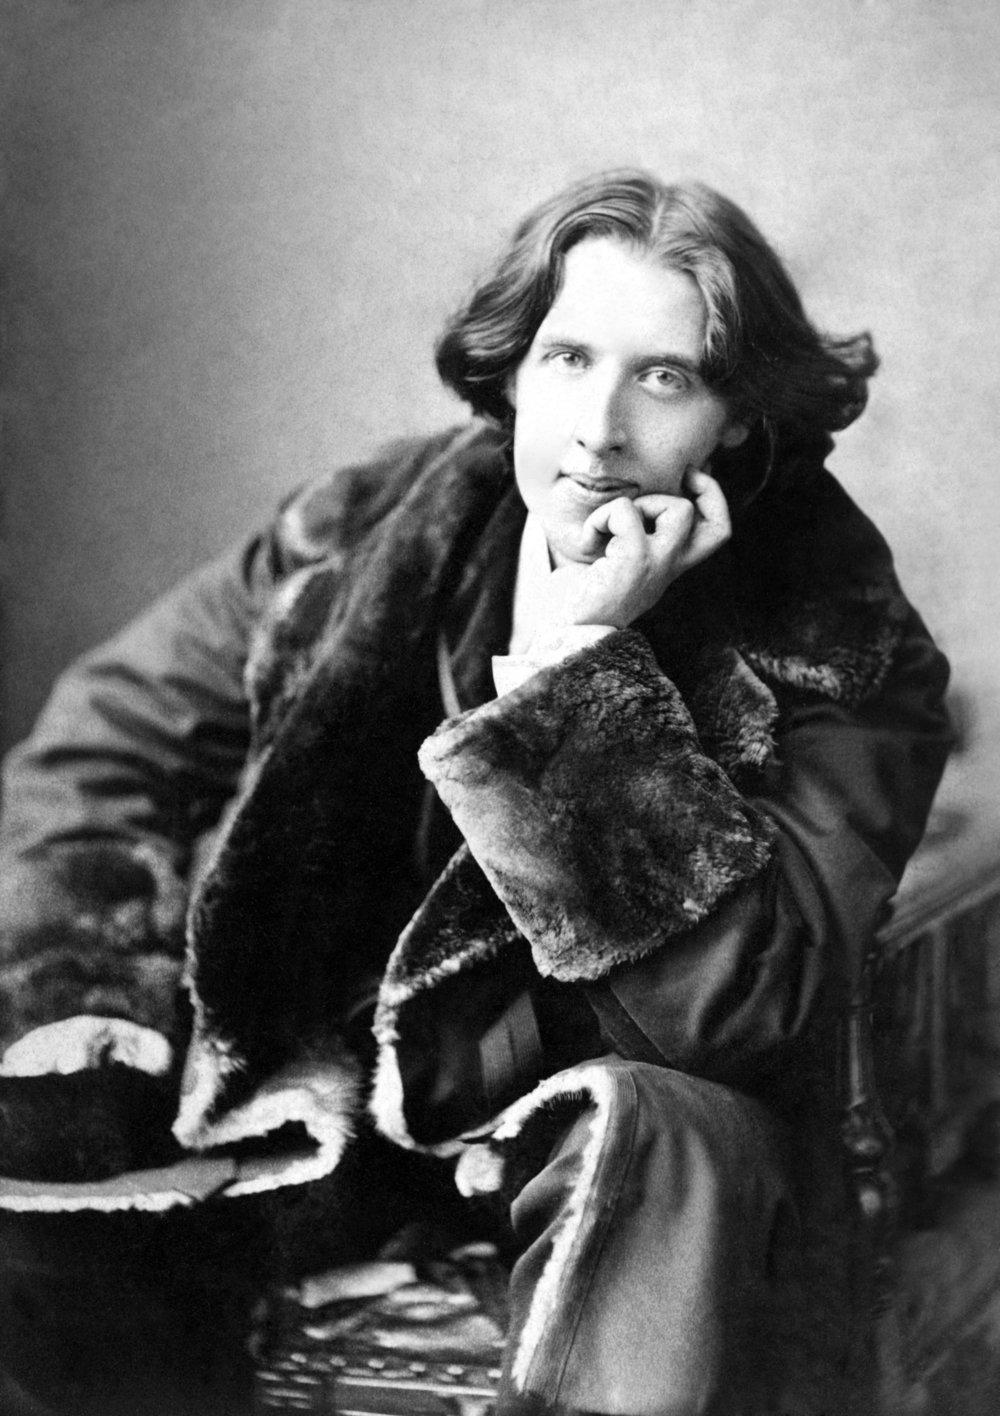 Oscar Wilde, photgraphed by Napoleon Sarony [Public domain]. Via Wikimedia Commons